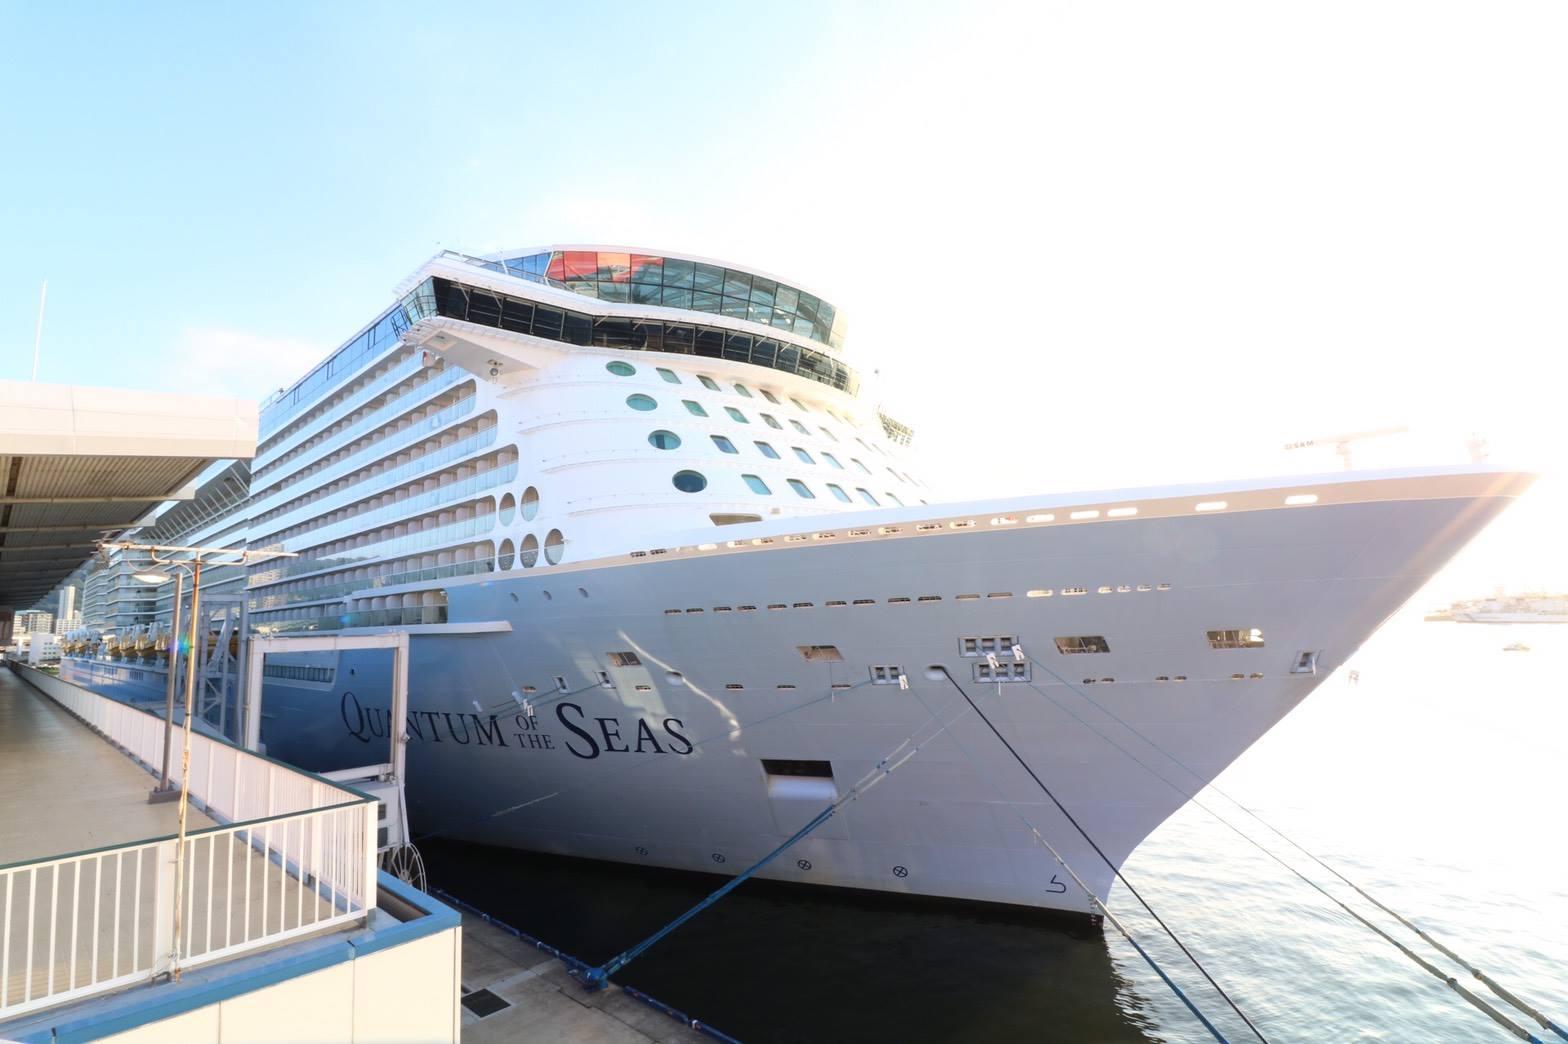 世界最大級の超大型豪華客船 quantum of the seas ichibankobe